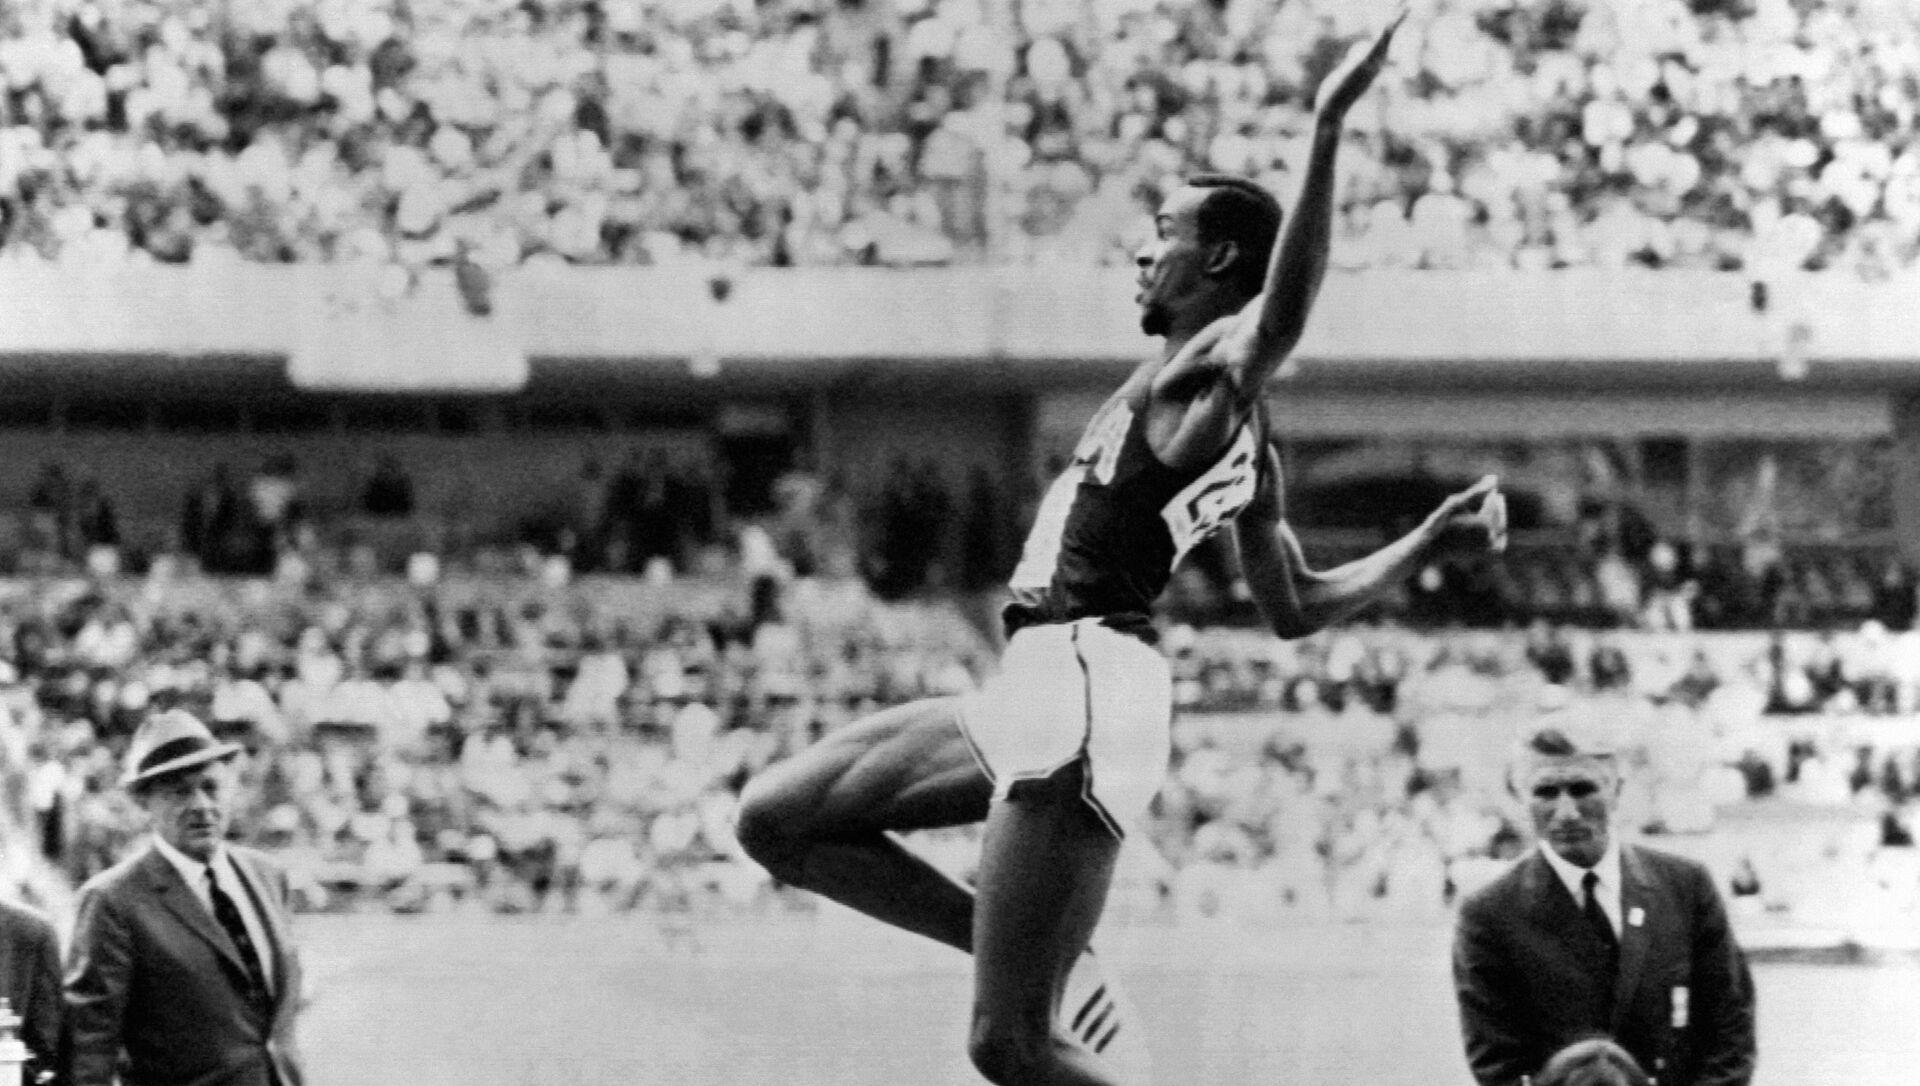 Американский спортсмен Боб Бимон на соревнованиях по прыжкам в длину на Олимпийских играх в Мексике 19 октября 1968 года - Sputnik Азербайджан, 1920, 29.08.2021